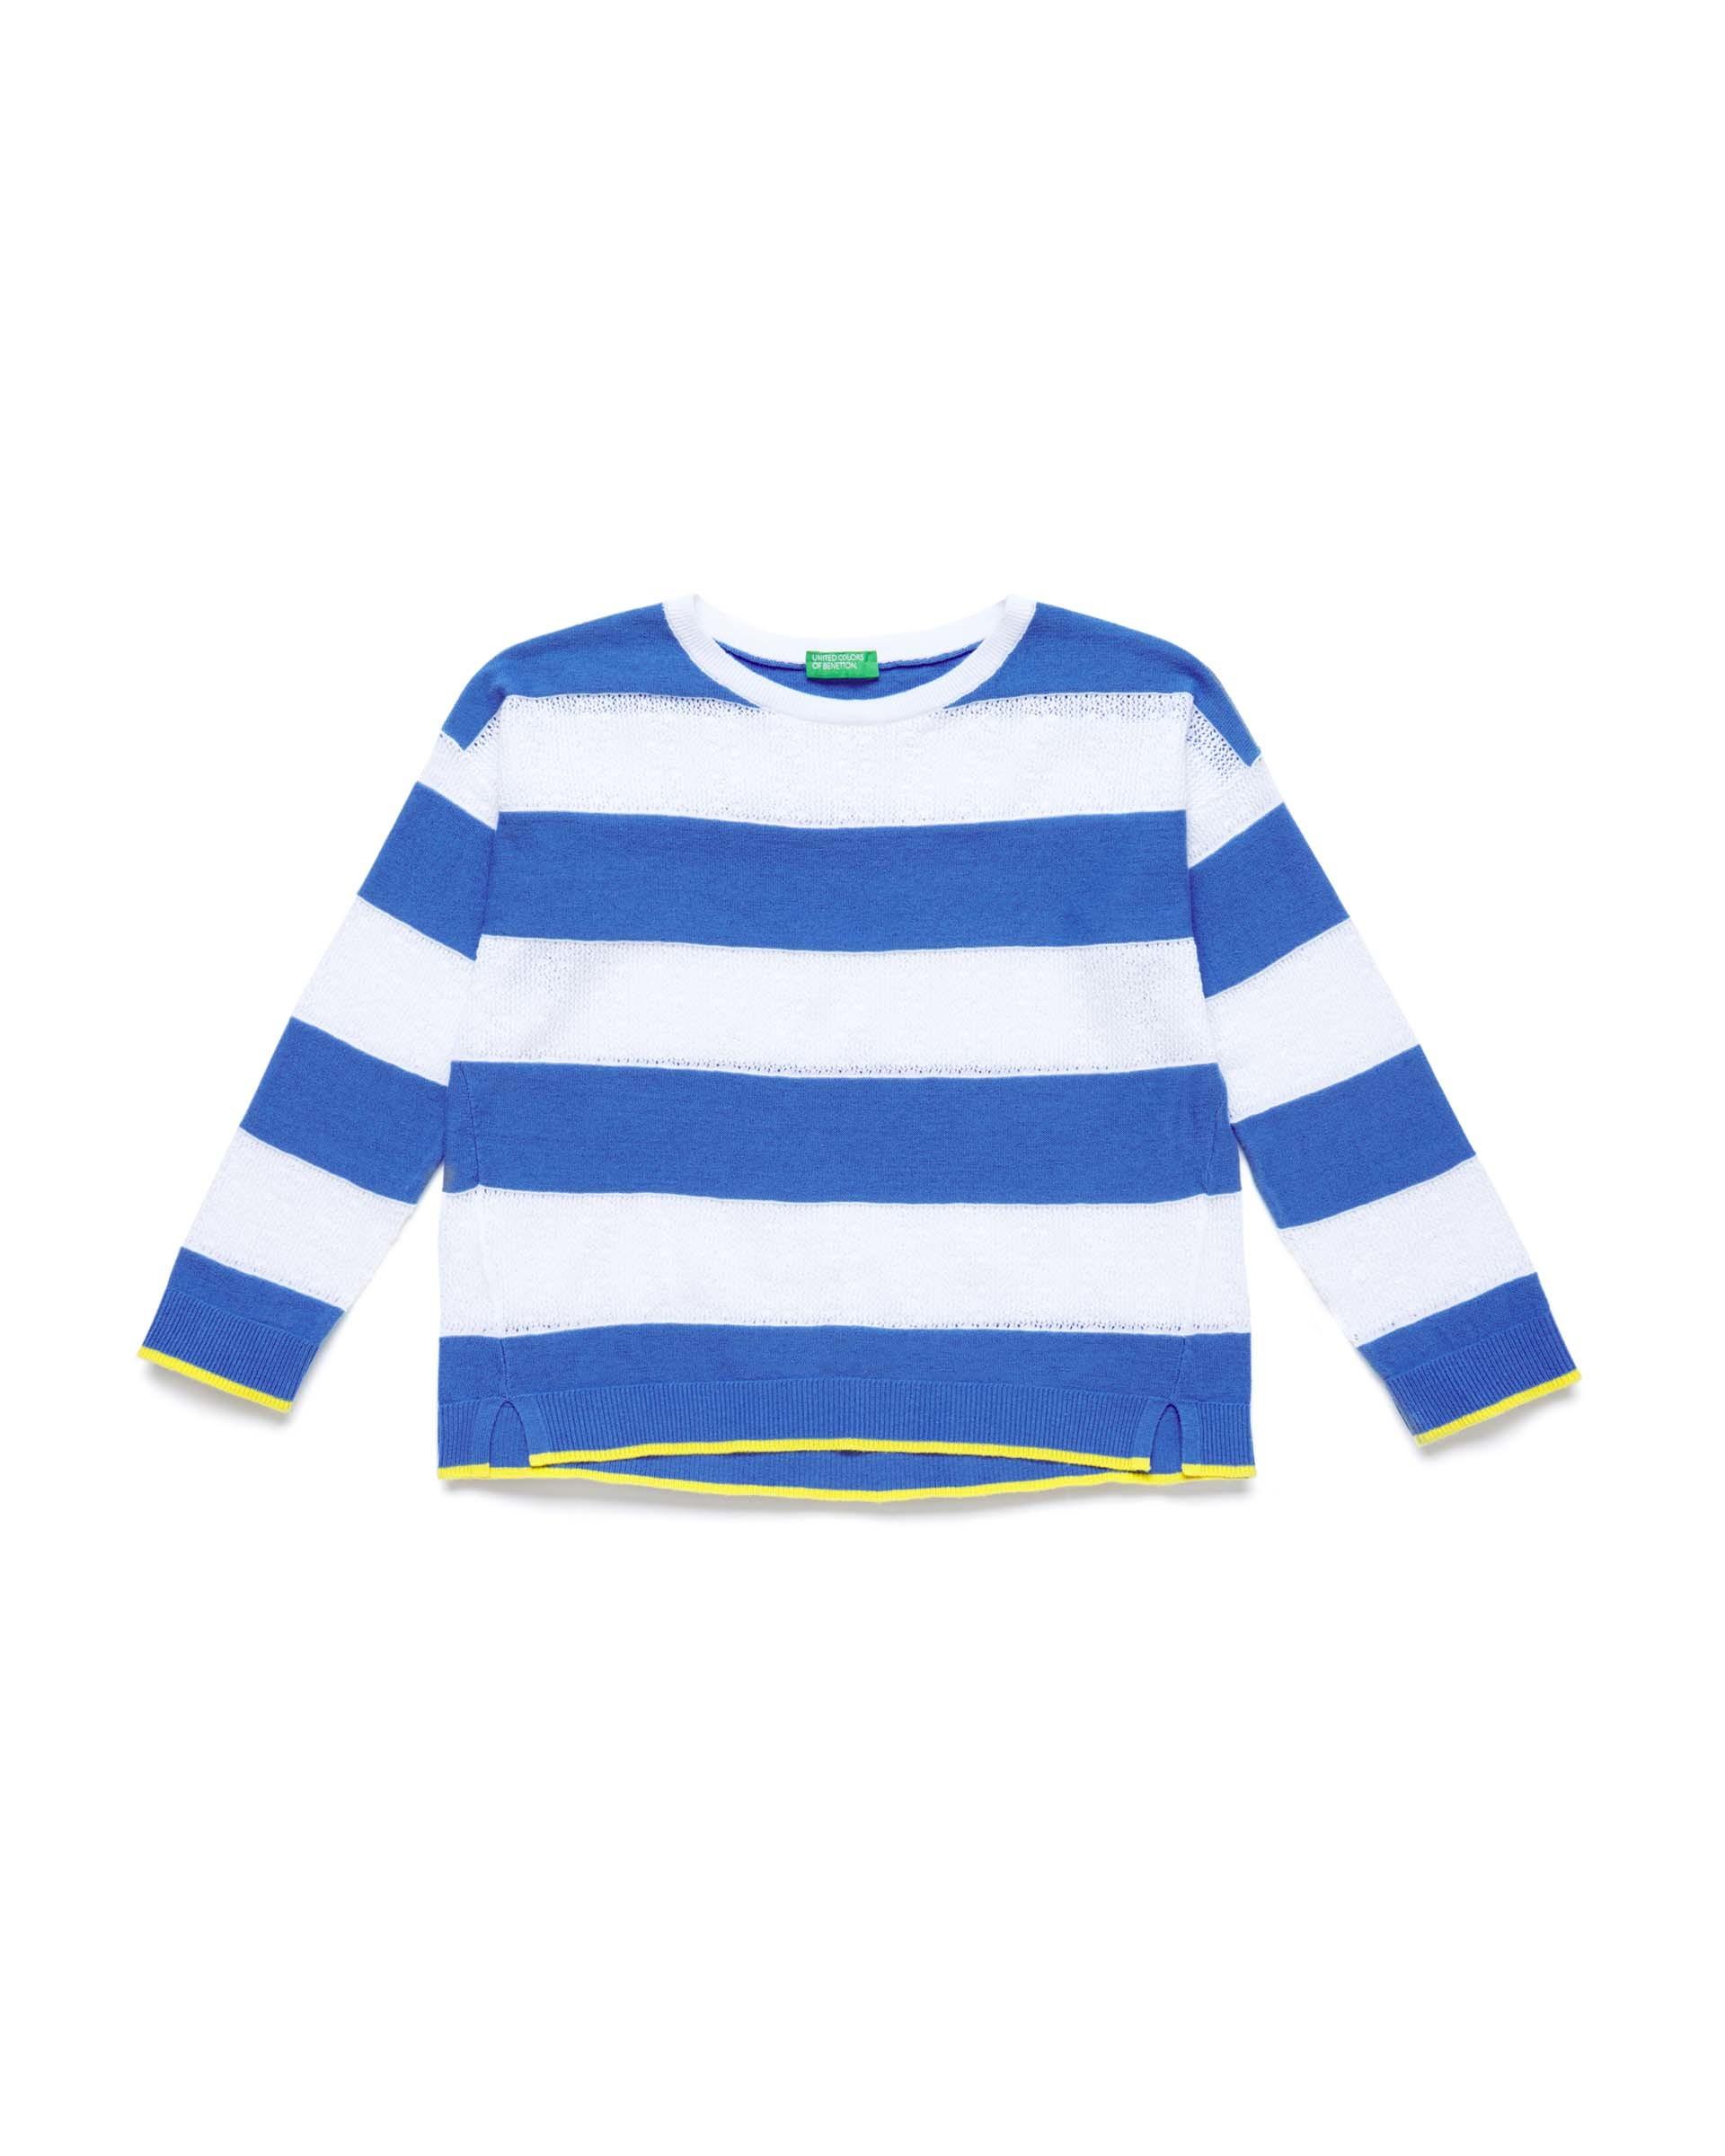 Купить 20P_10C1Q1899_08A, Джемпер для девочек Benetton 10C1Q1899_08A р-р 170, United Colors of Benetton, Джемперы для девочек